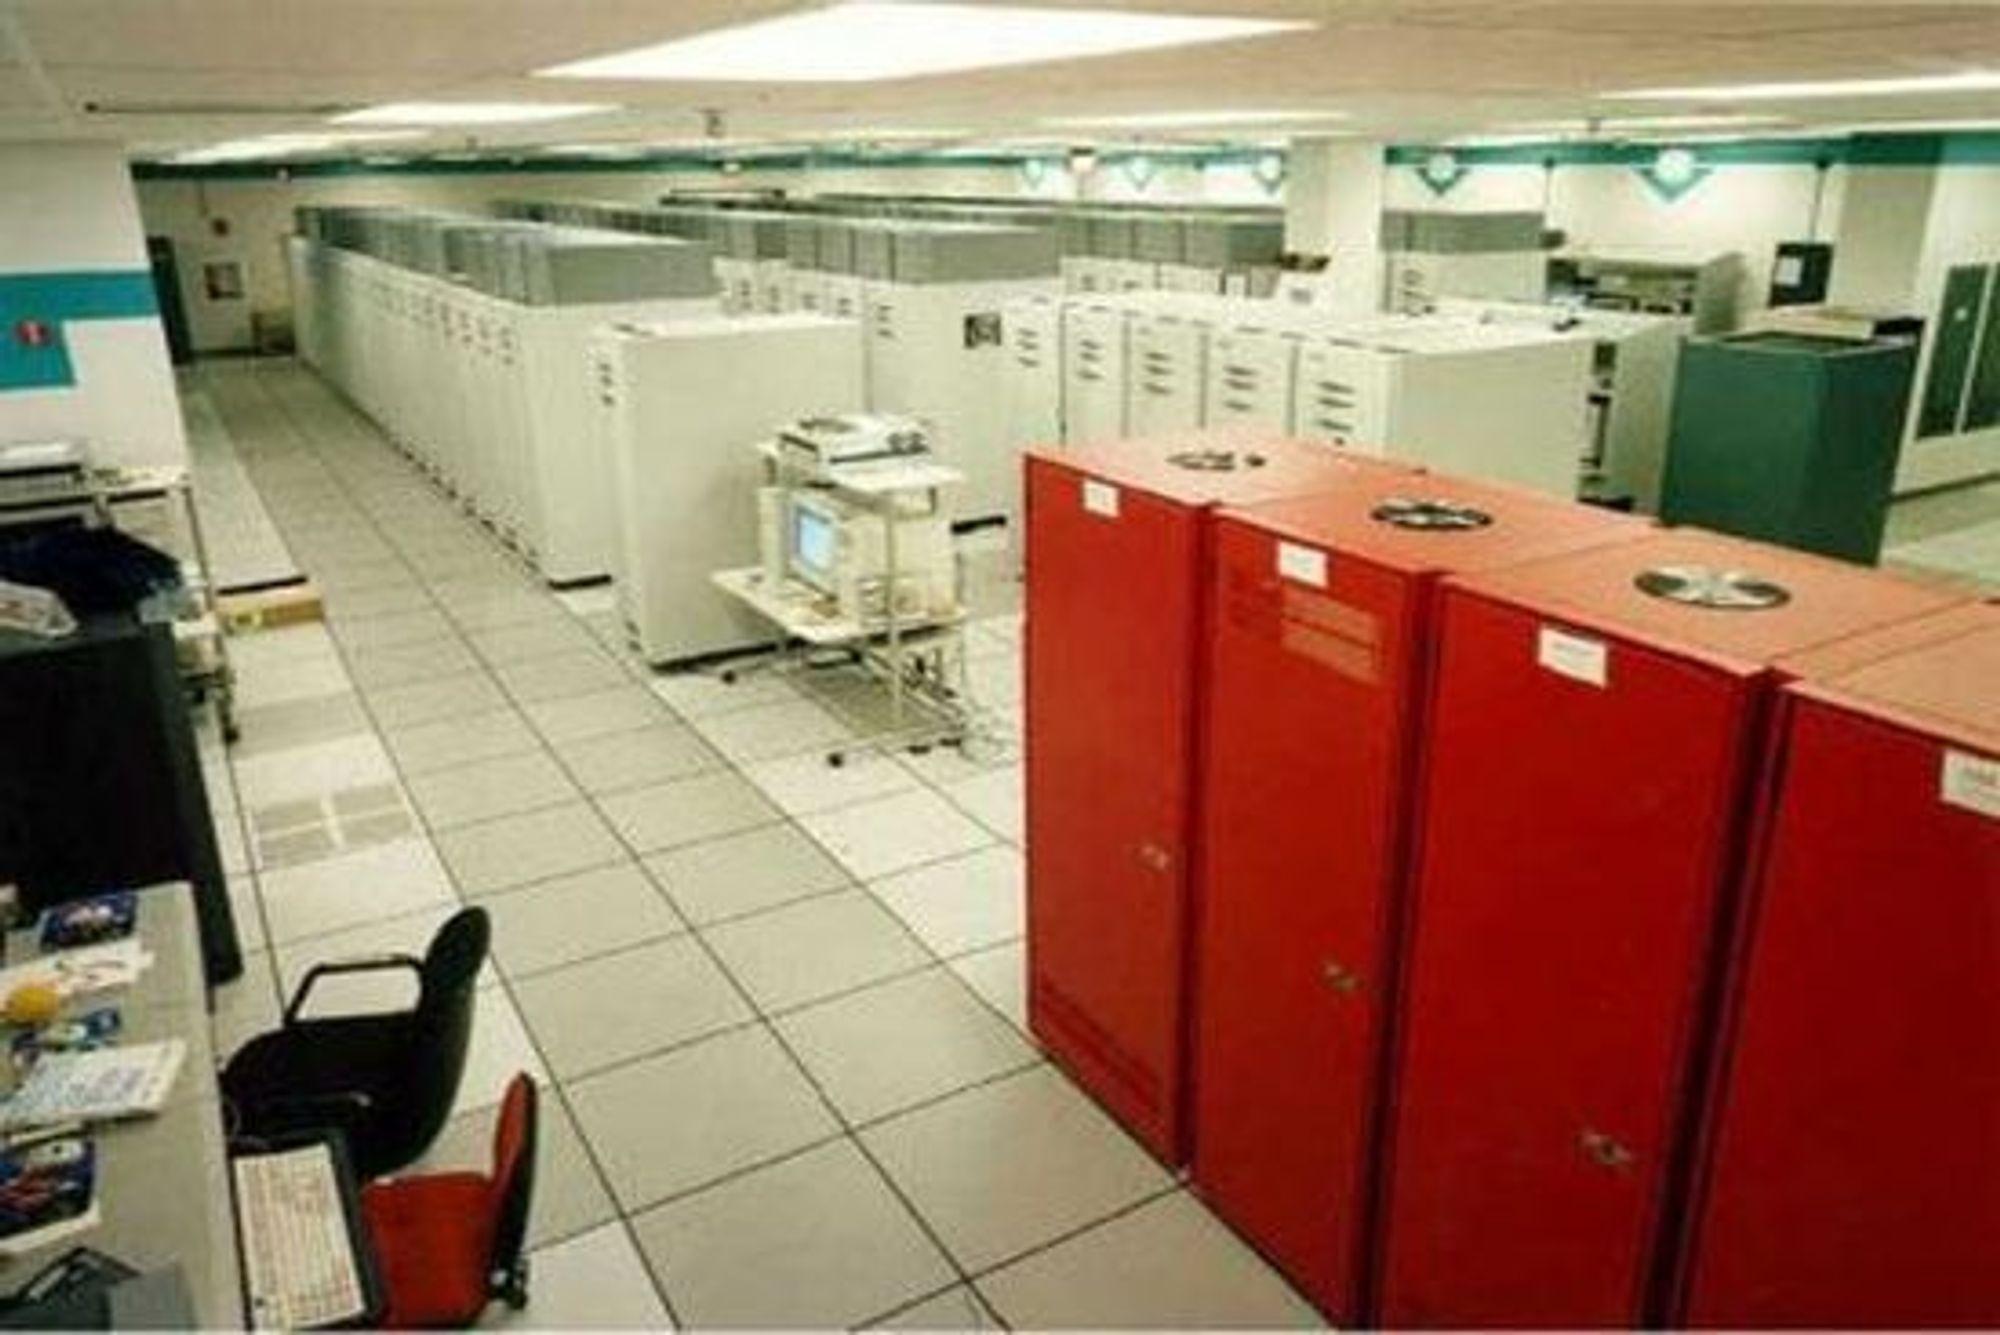 Superdatamaskinen ASCI Red til Sandia National Laboratories ble i 1997 verdens første datamaskin til å levere en ytelse på mer enn 1 teraflops. Dagens kraftigste superdatamaskin er mer enn 10 000 ganger kraftigere.